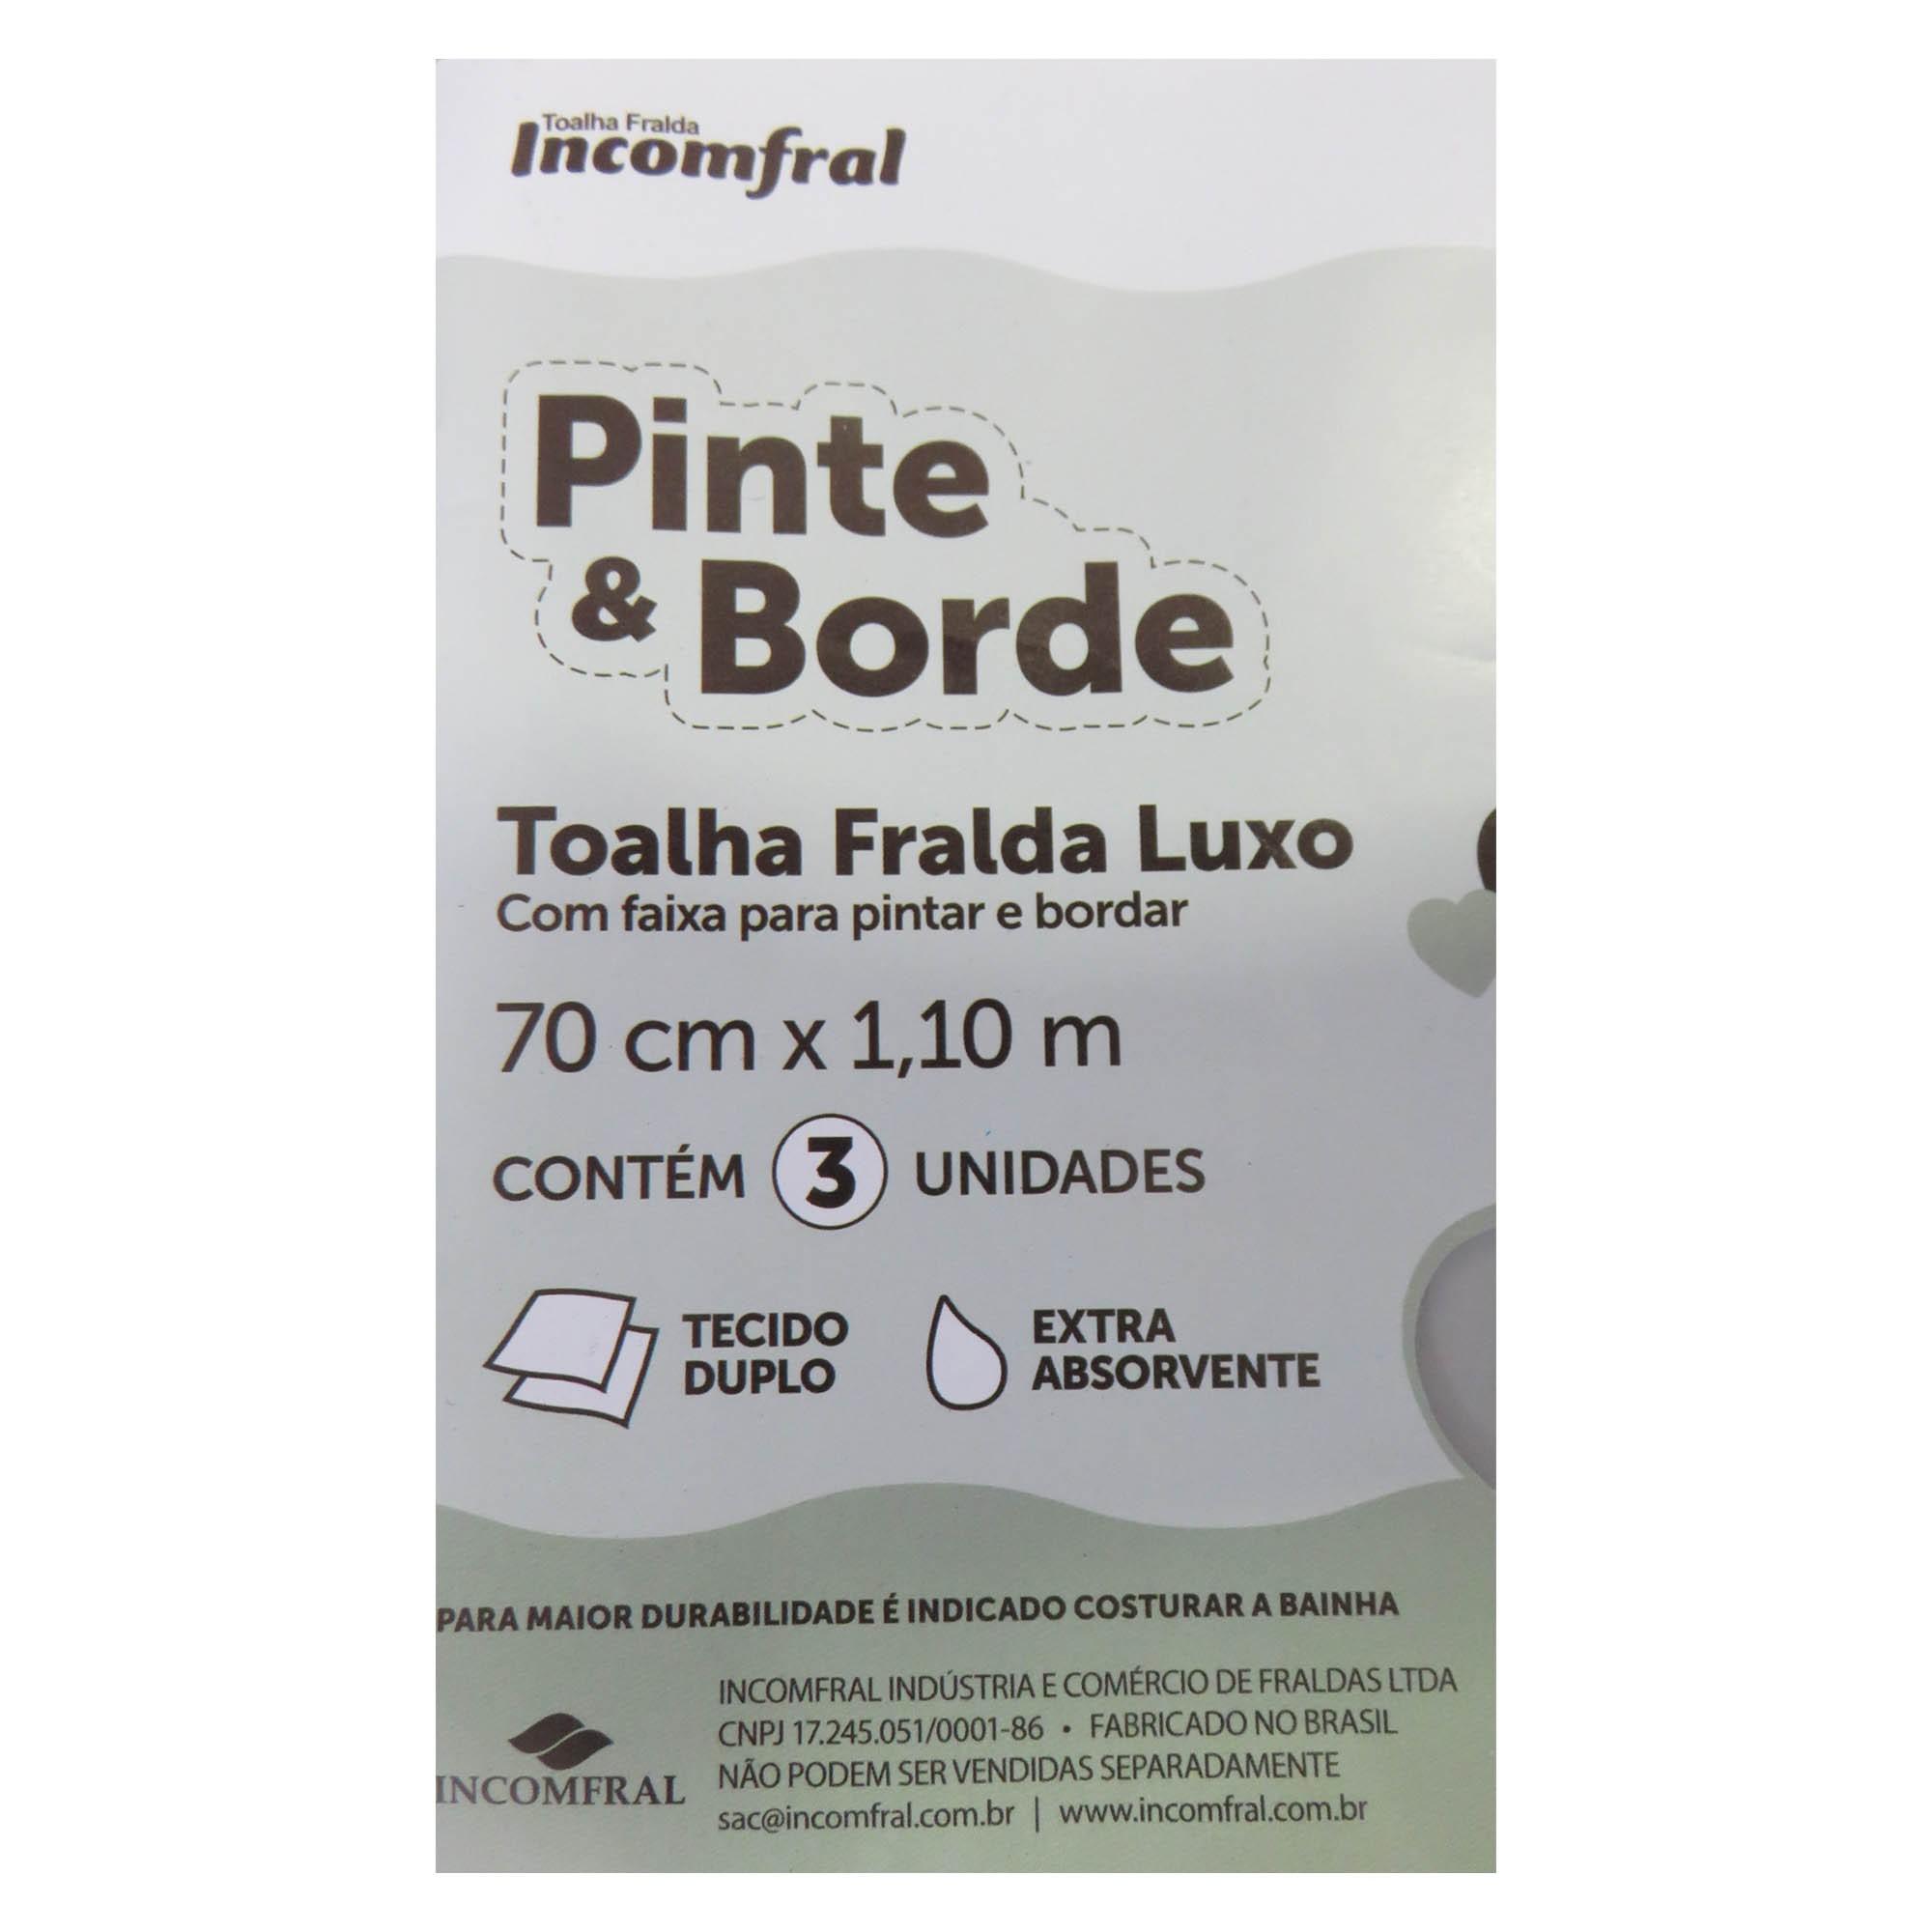 Toalha Fralda com 3 unidades - Incomfral - Pinte e Borde - Verde